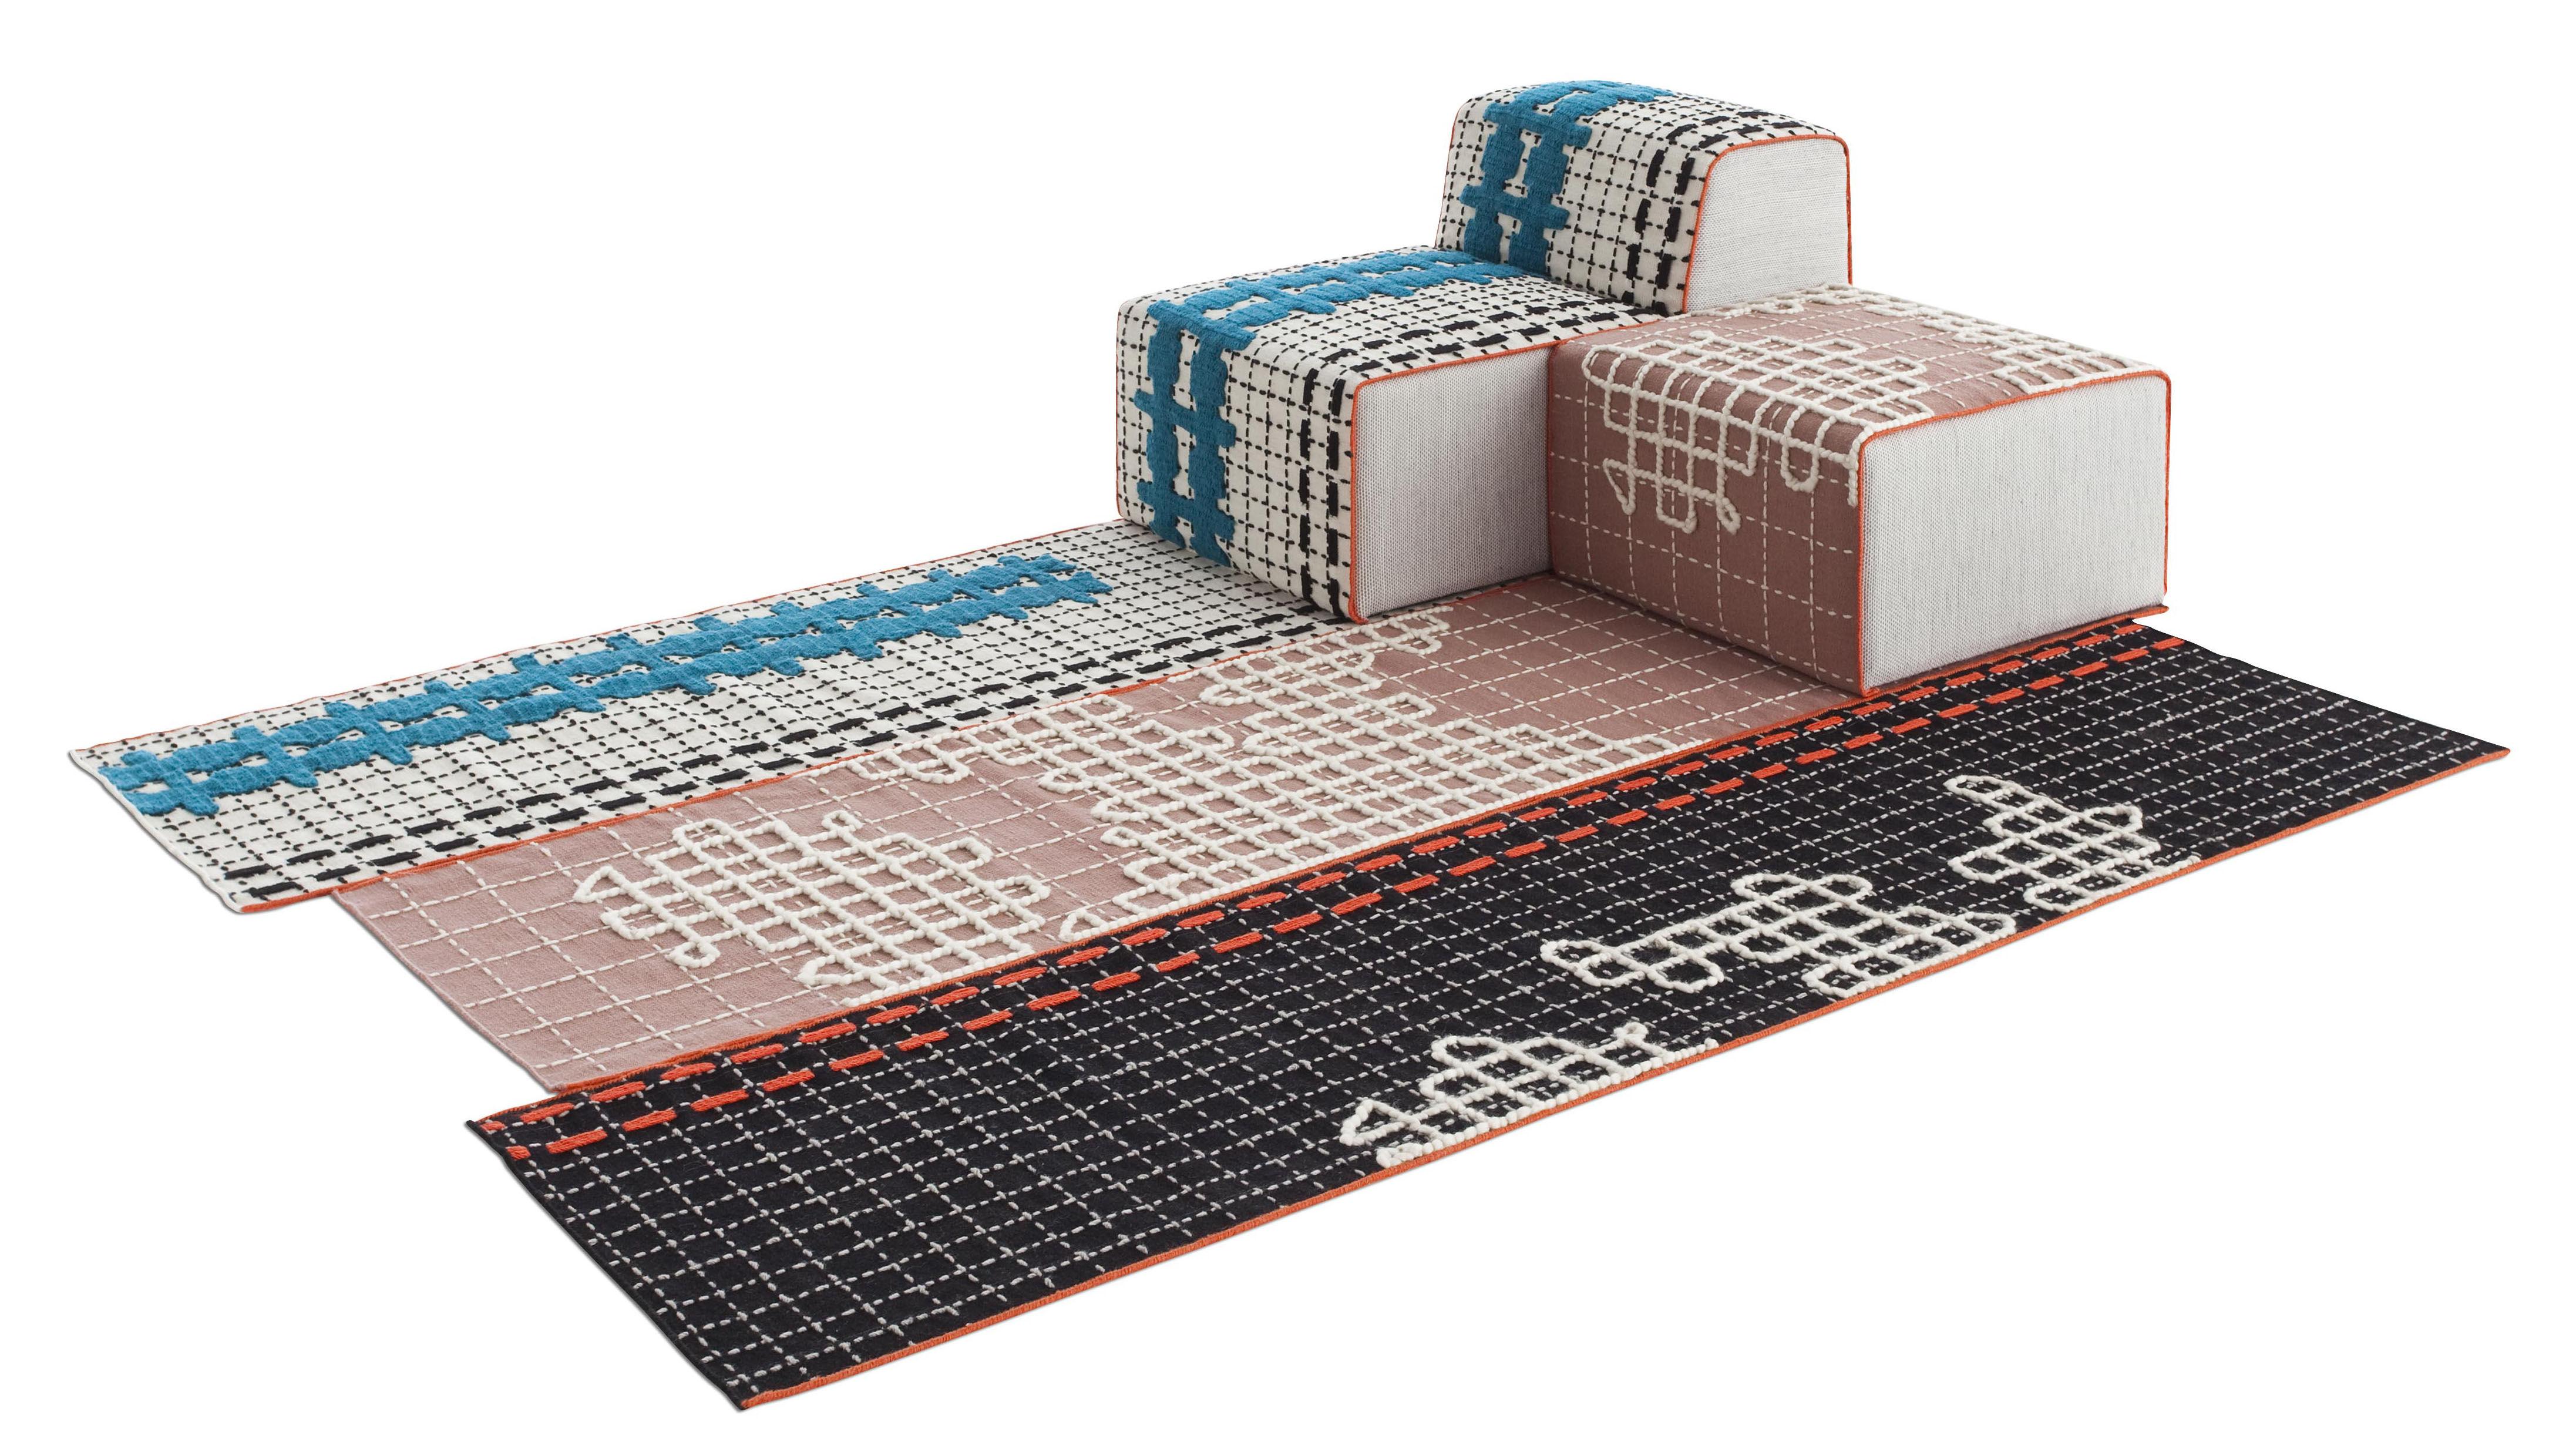 Mobilier - Canapés - Canapé modulable n° 1 Bandas / 1 tapis + 1 pouf Small + 1 chauffeuse - Gan - Turquoise, Rose & noir - Laine